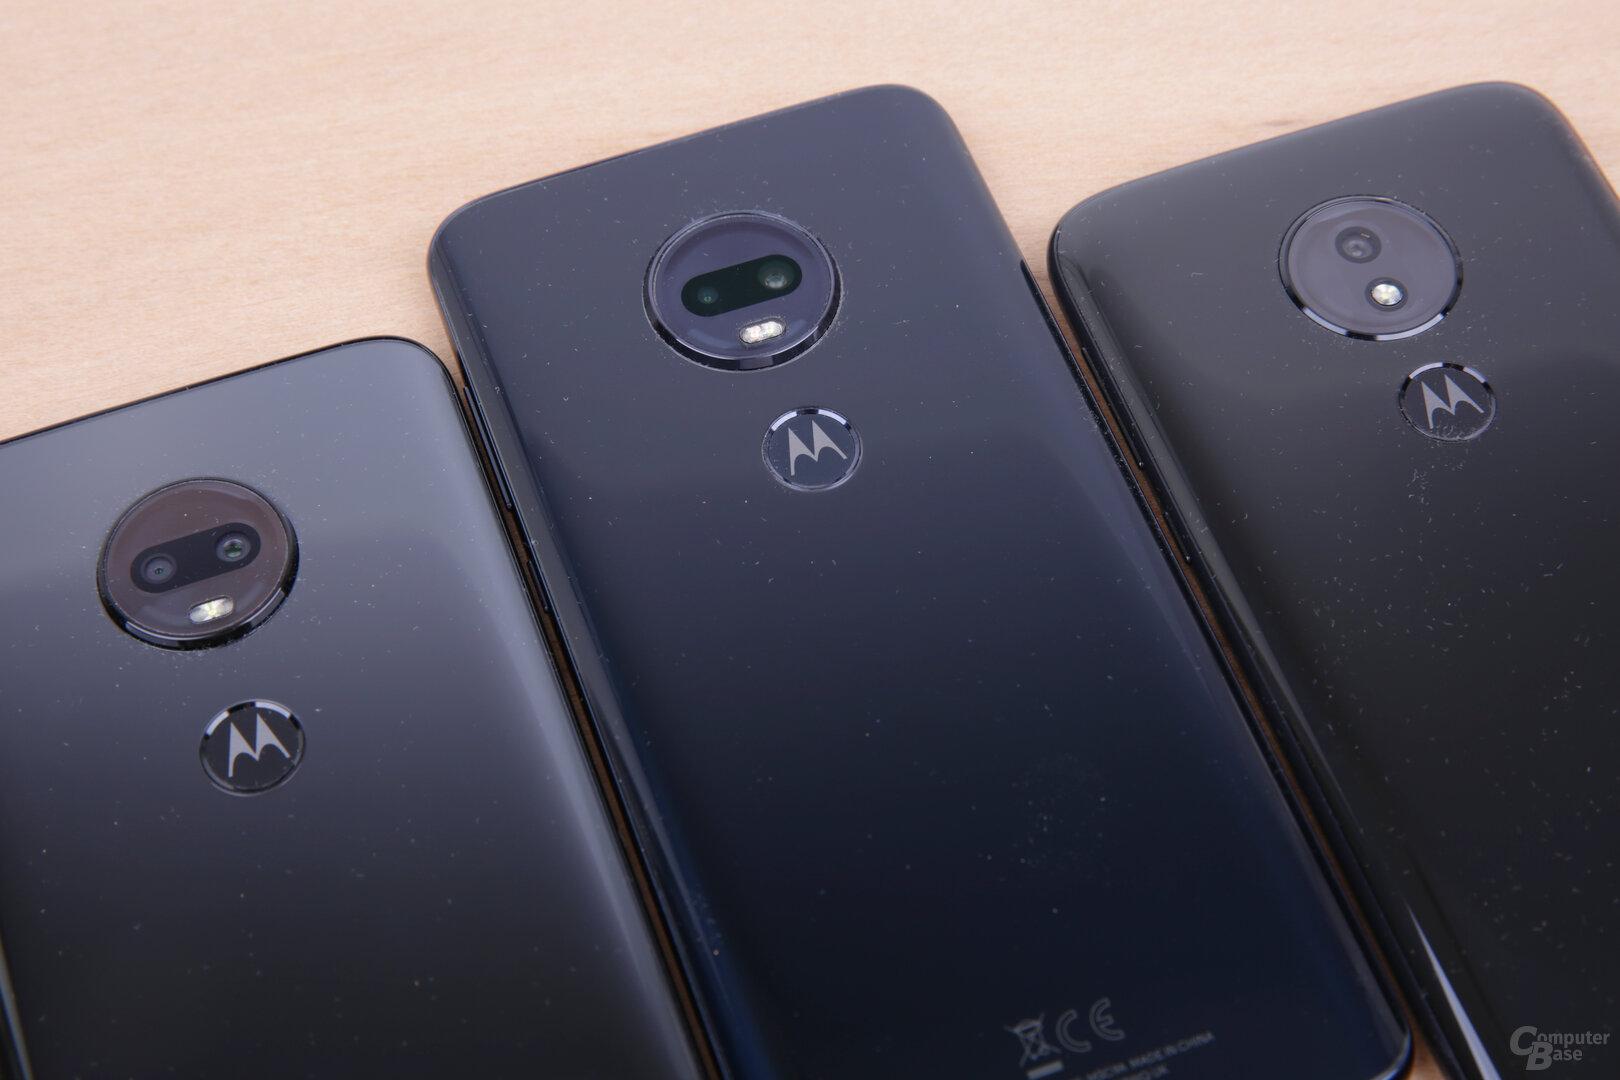 Das Motorola-Logo hinten ist gleichzeitig der Fingerabdrucksensor